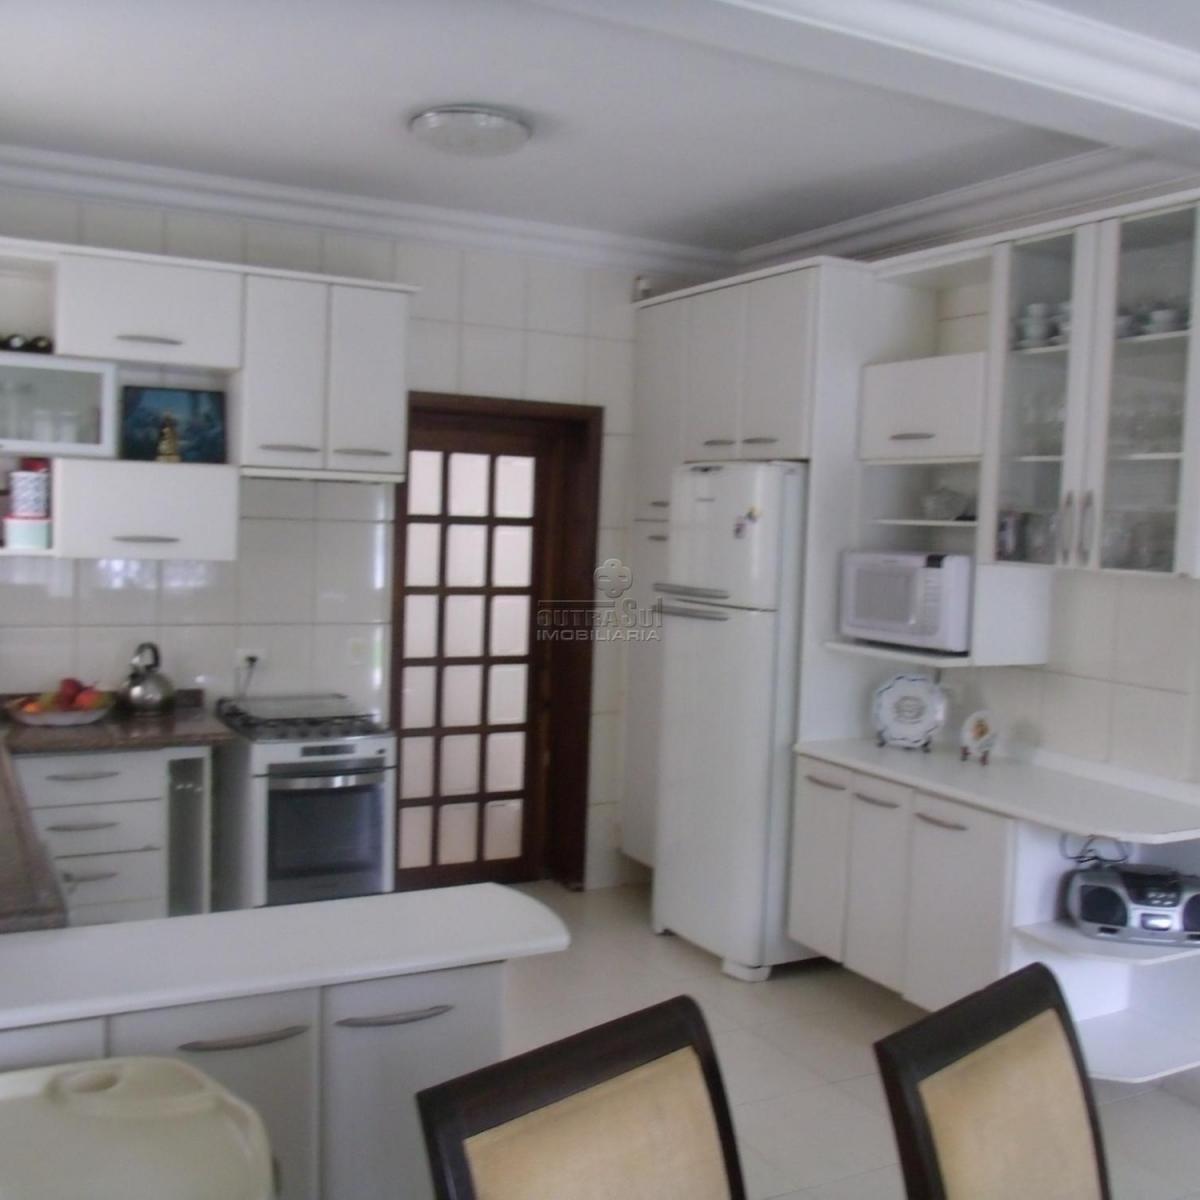 Imagens de #756556  venda paraná curitiba xaxim casa à venda em xaxim cod ca0112 out 1200x1200 px 3002 Box Banheiro Curitiba Xaxim